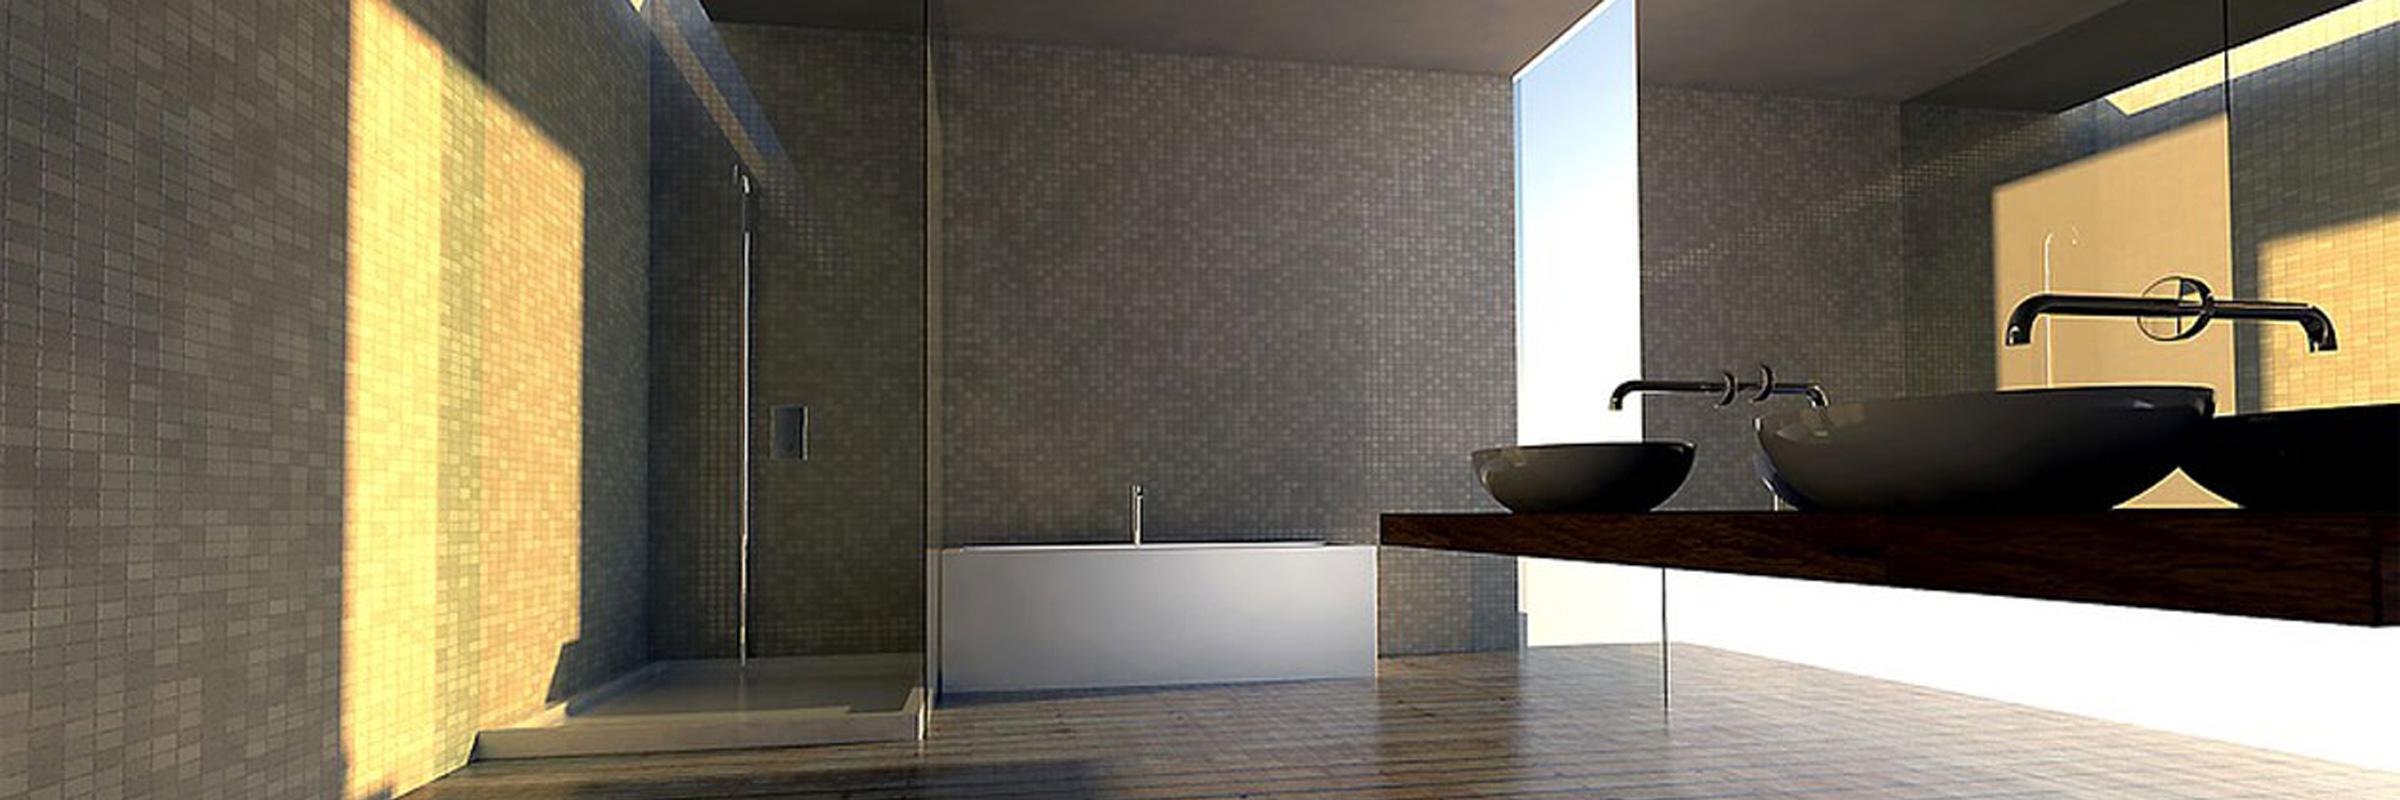 Haustechnik Hoffman Firmengruppe - Partner für Dach, Fassade, Haustechnik, Sanierung